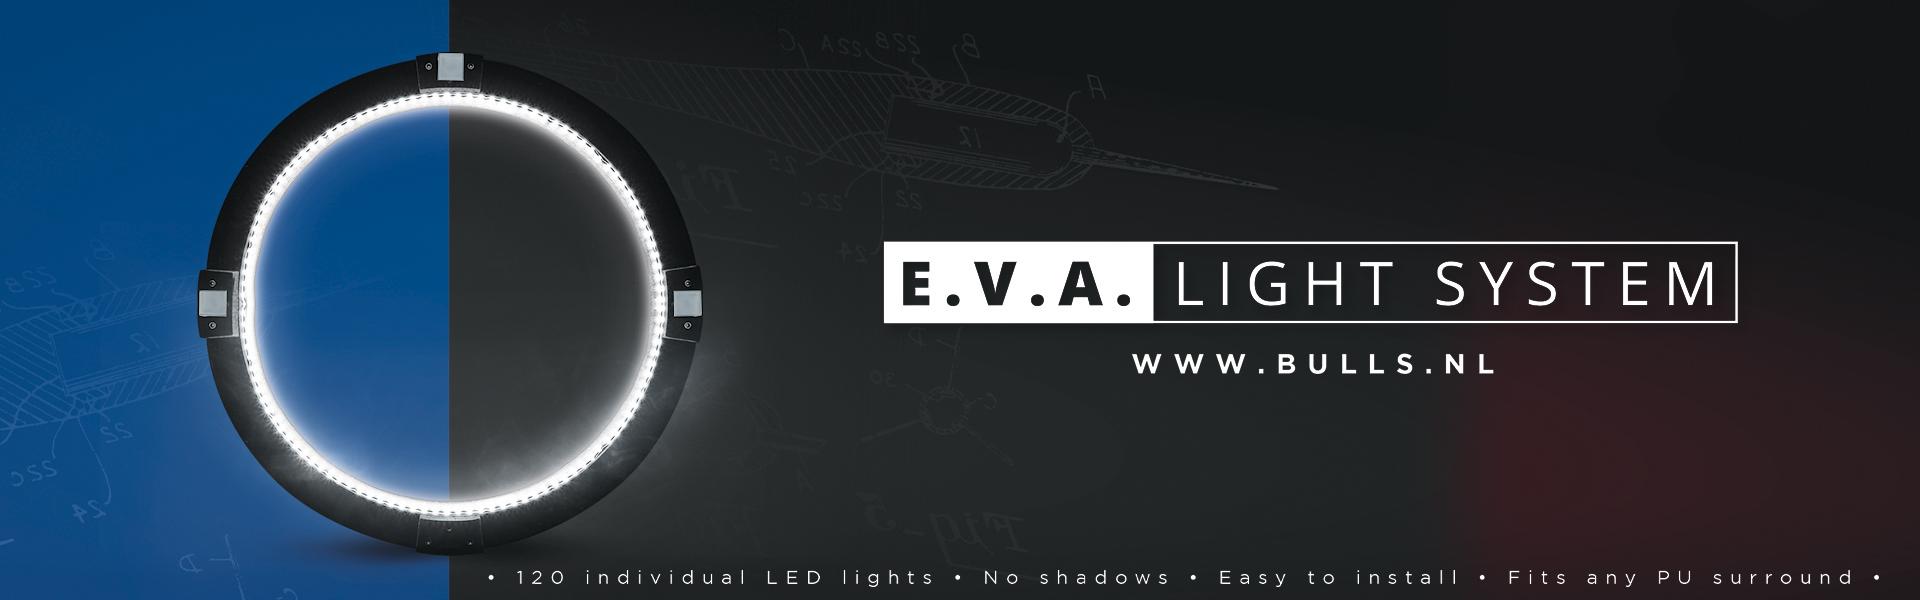 E.V.A. Light System EVA Dartboard Beleuchtung